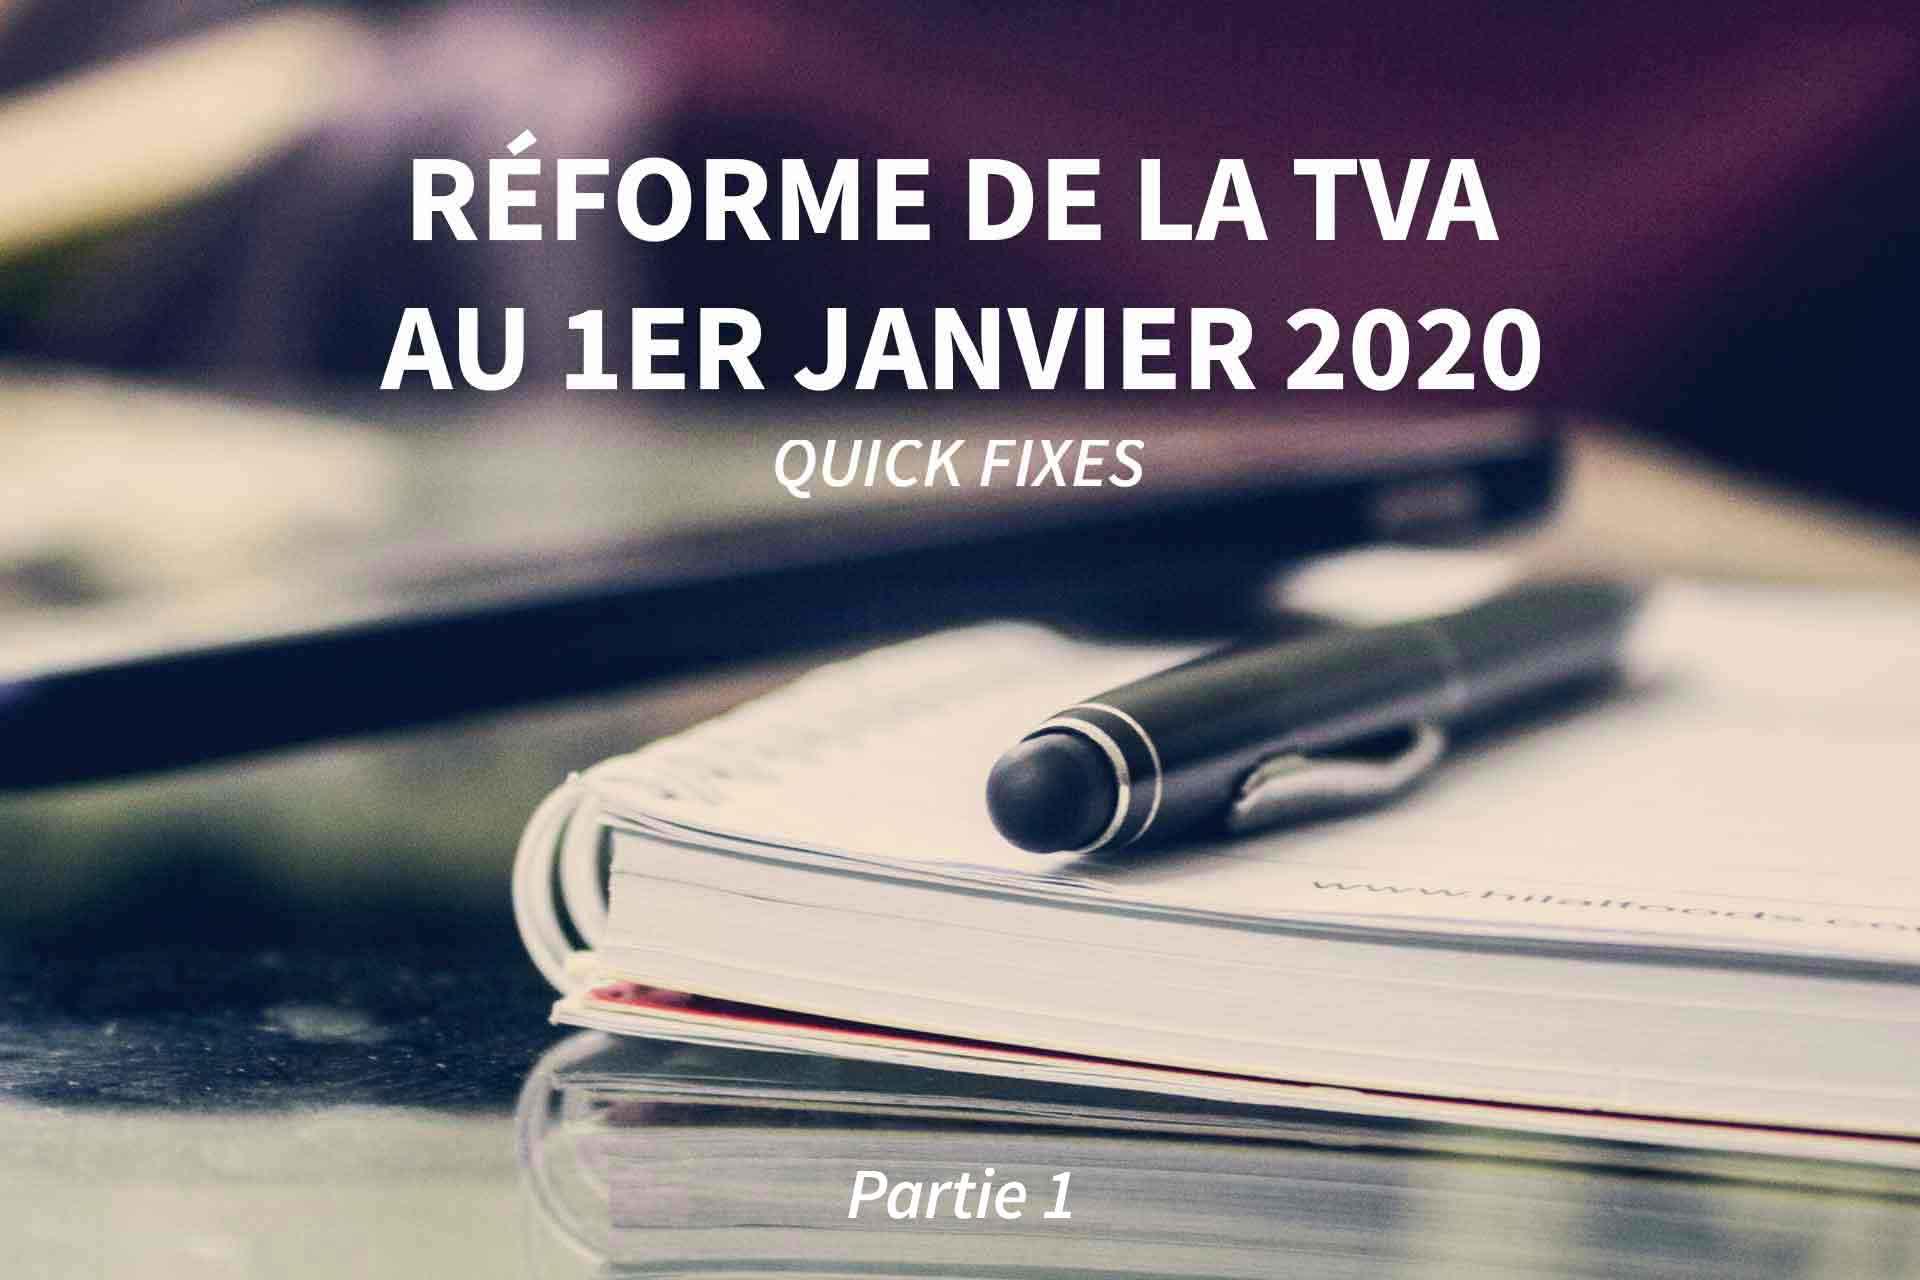 Réforme de la TVA - Quick Fixes - au 1er janvier 2020